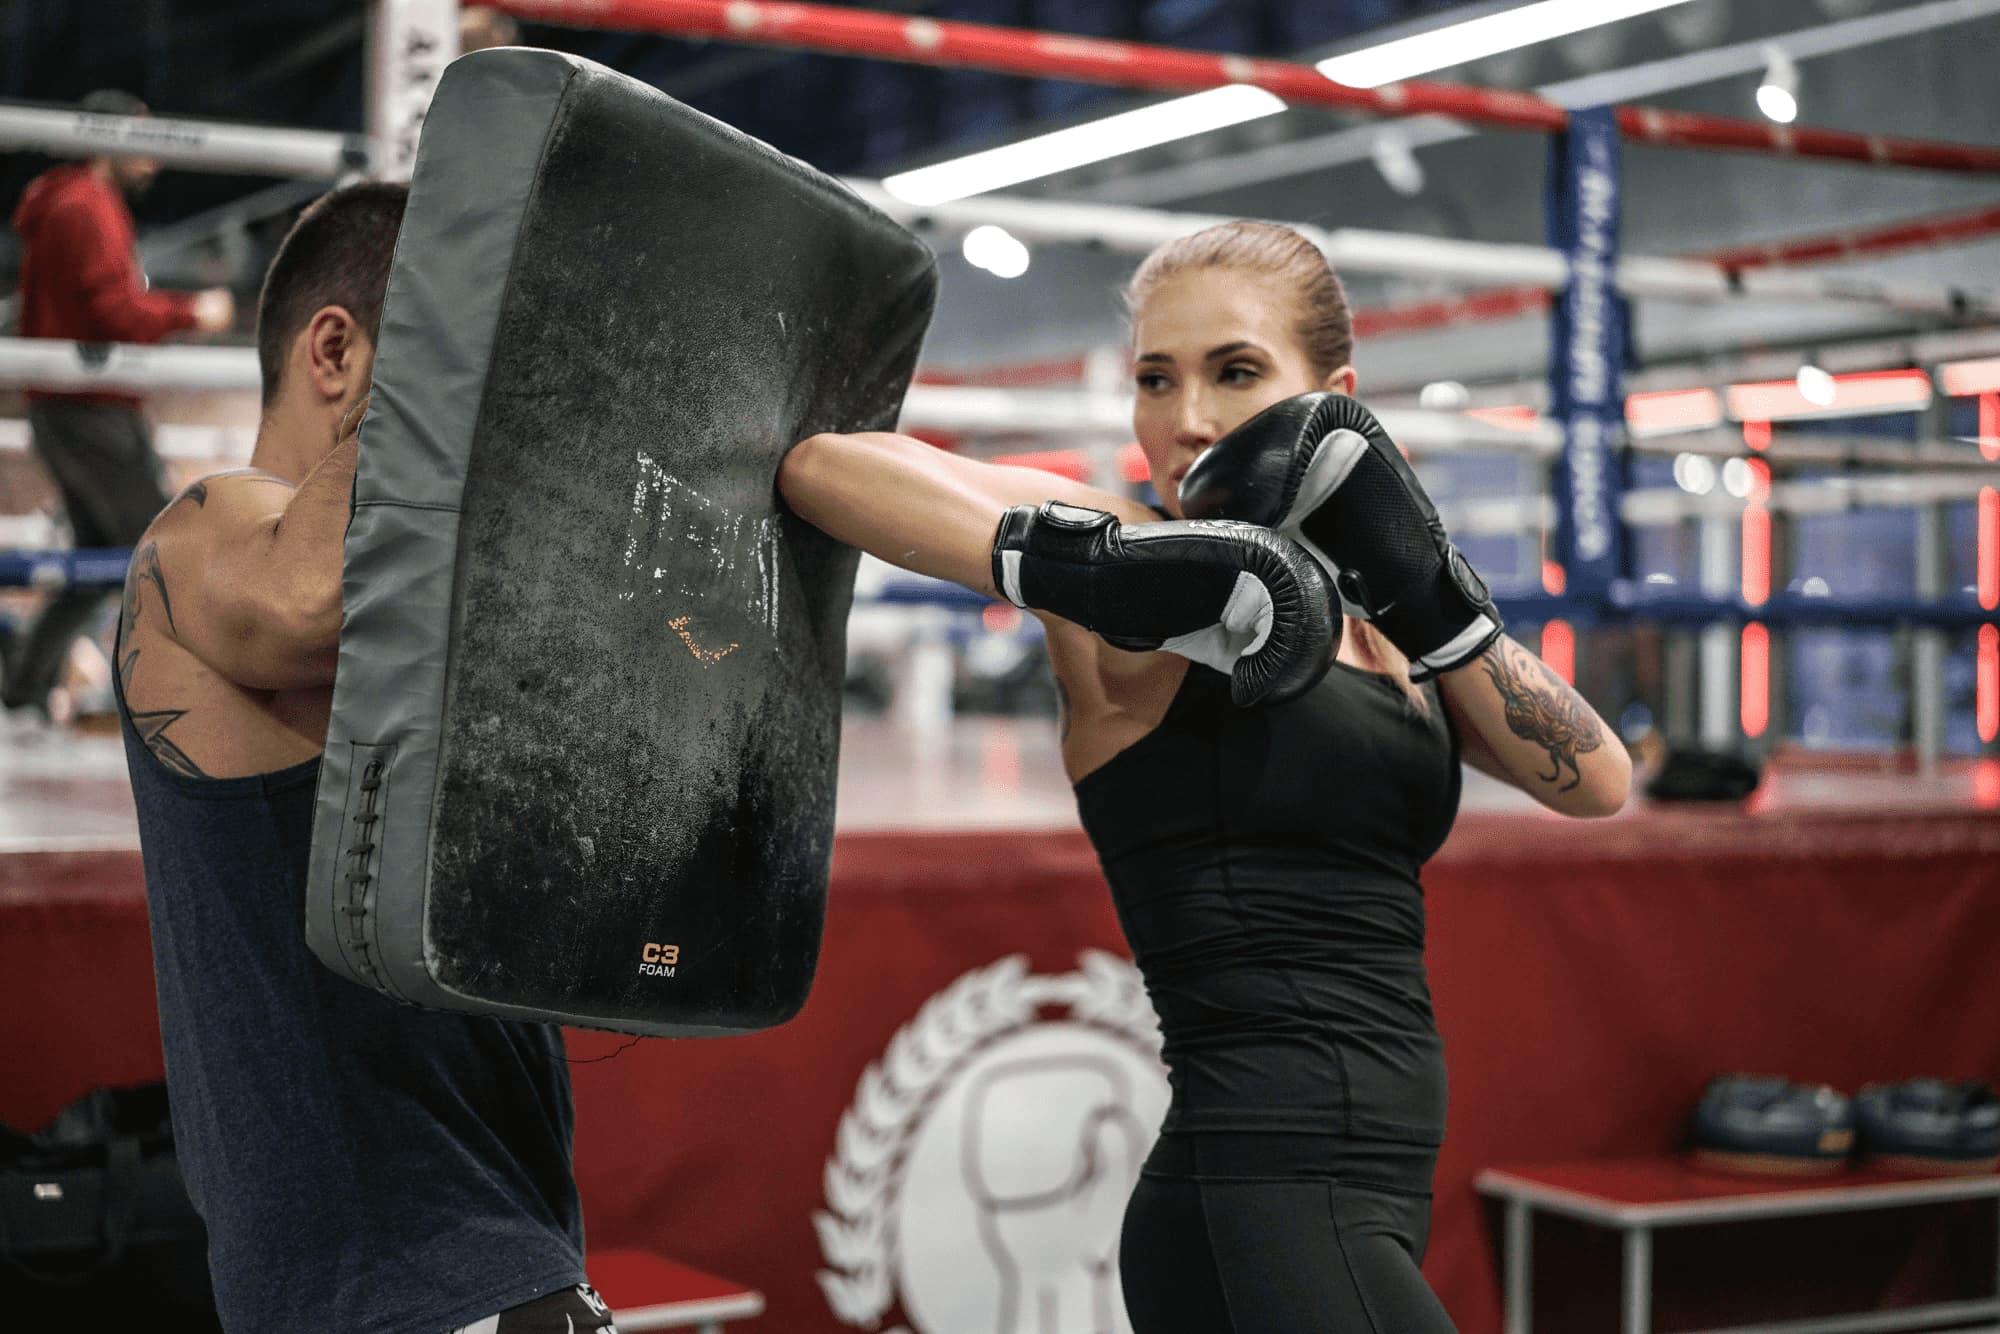 Бокс для начинающих взрослых: с чего начать тренировки новичку